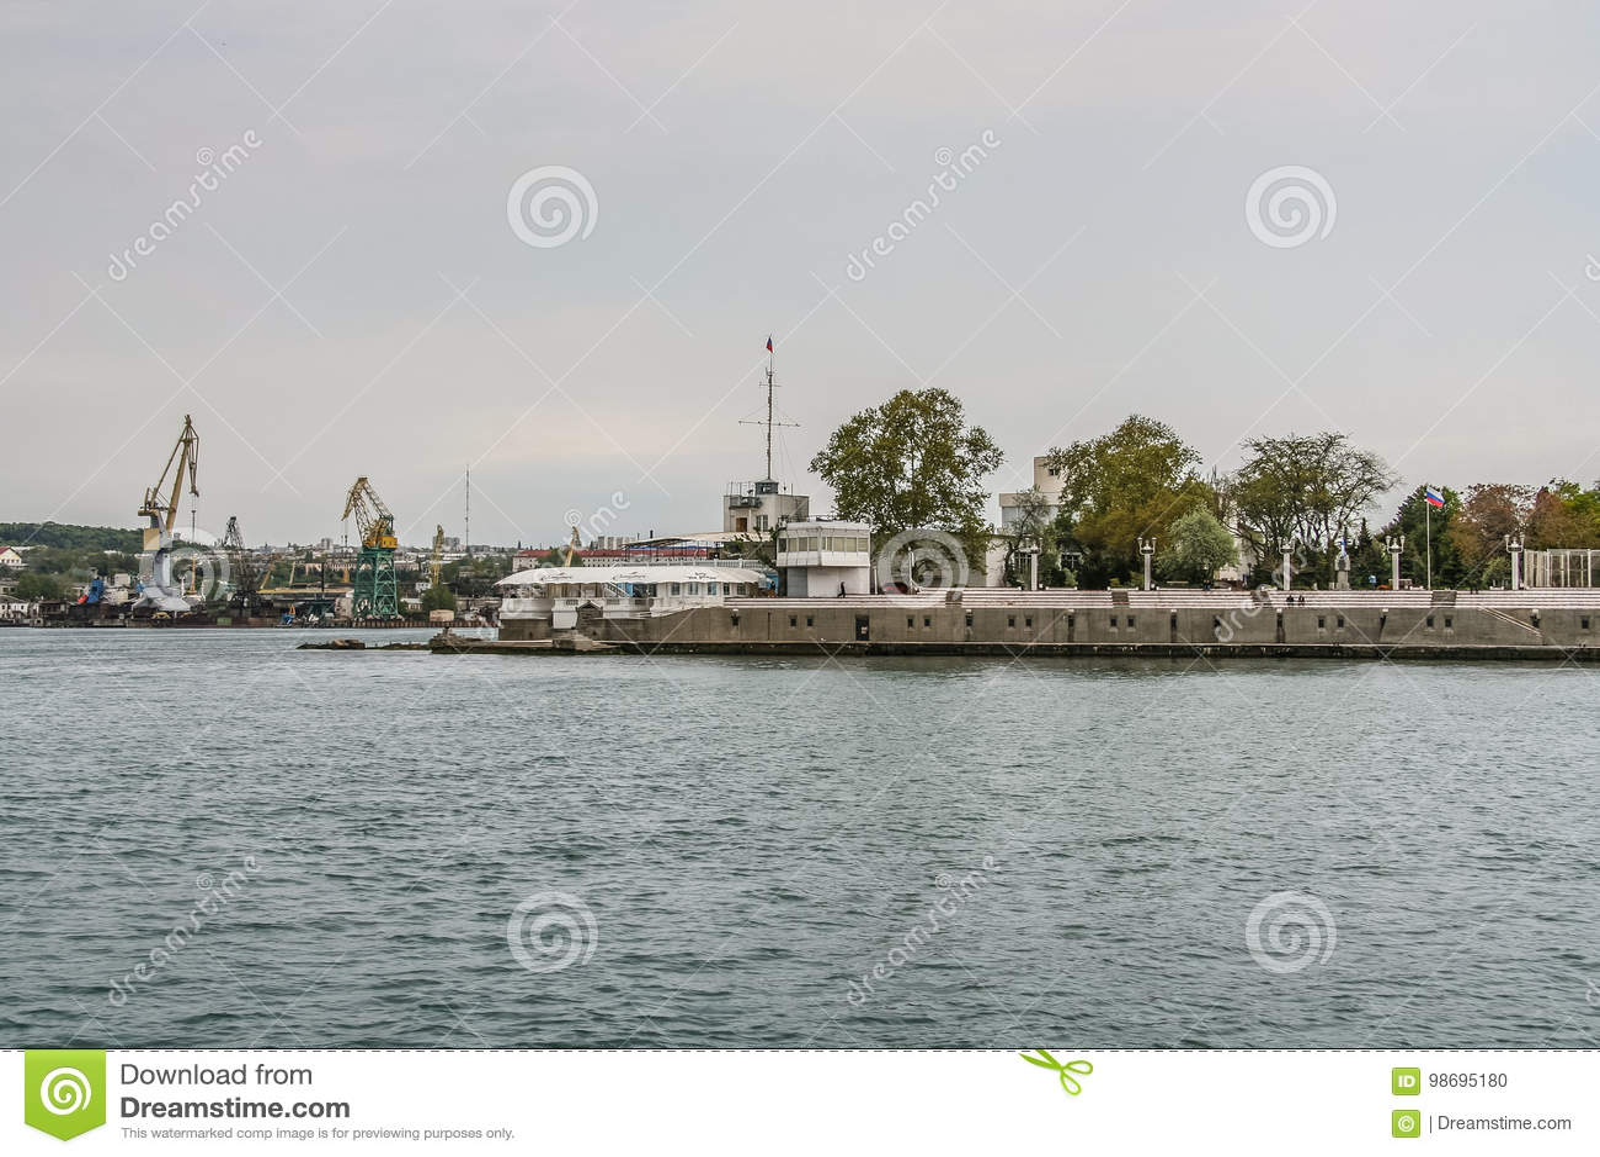 Mównica marynarka wojenna na bulwarze